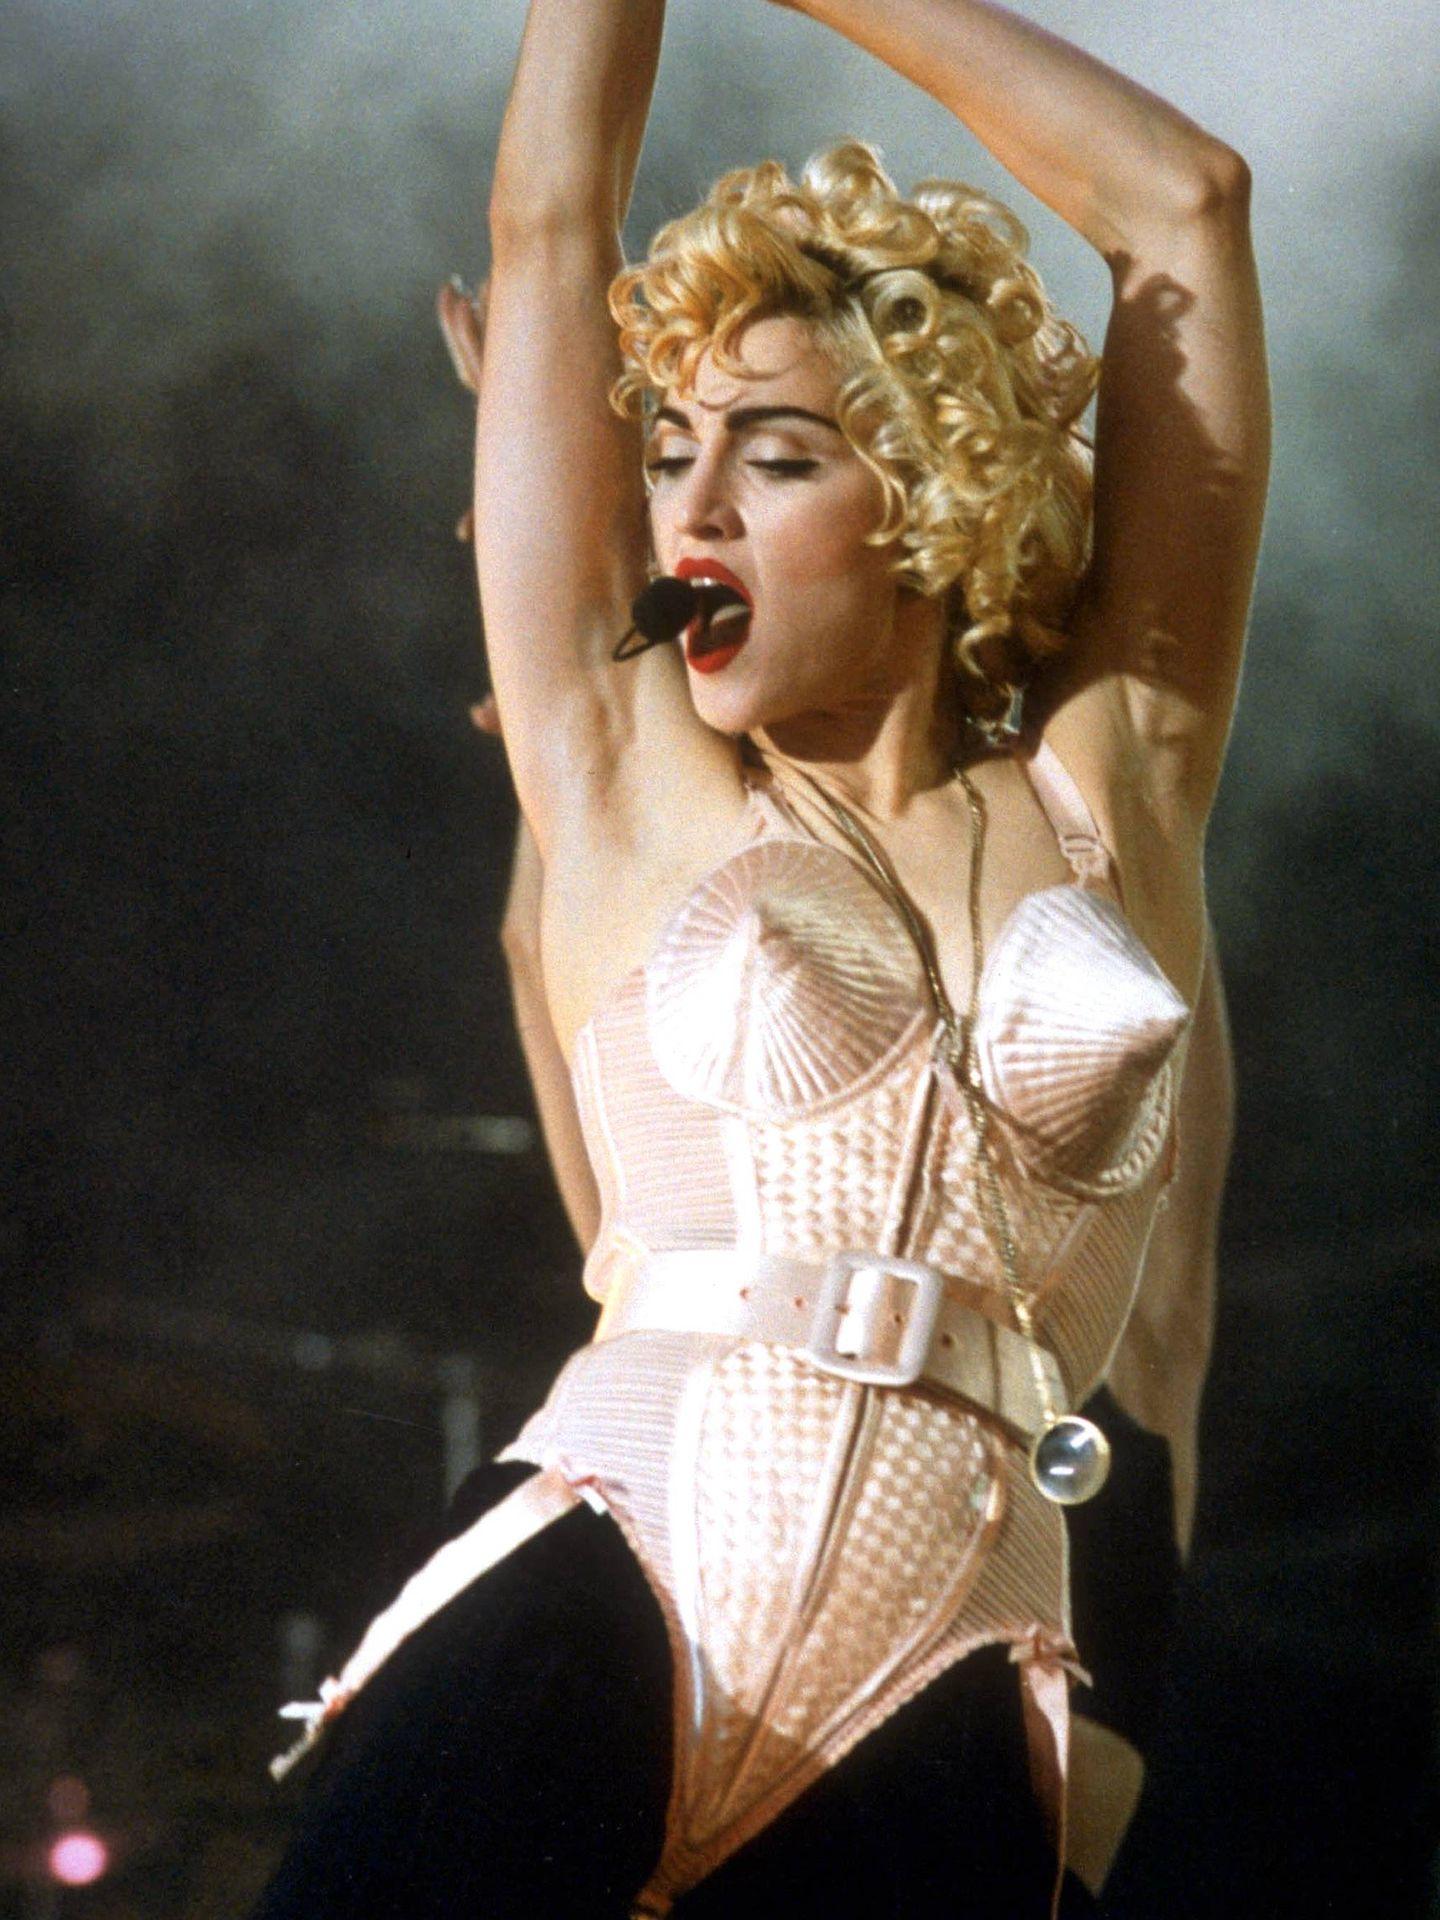 Madonna con el famoso corpiño diseñado por Jean Paul Gaultier. (Cordon Press)